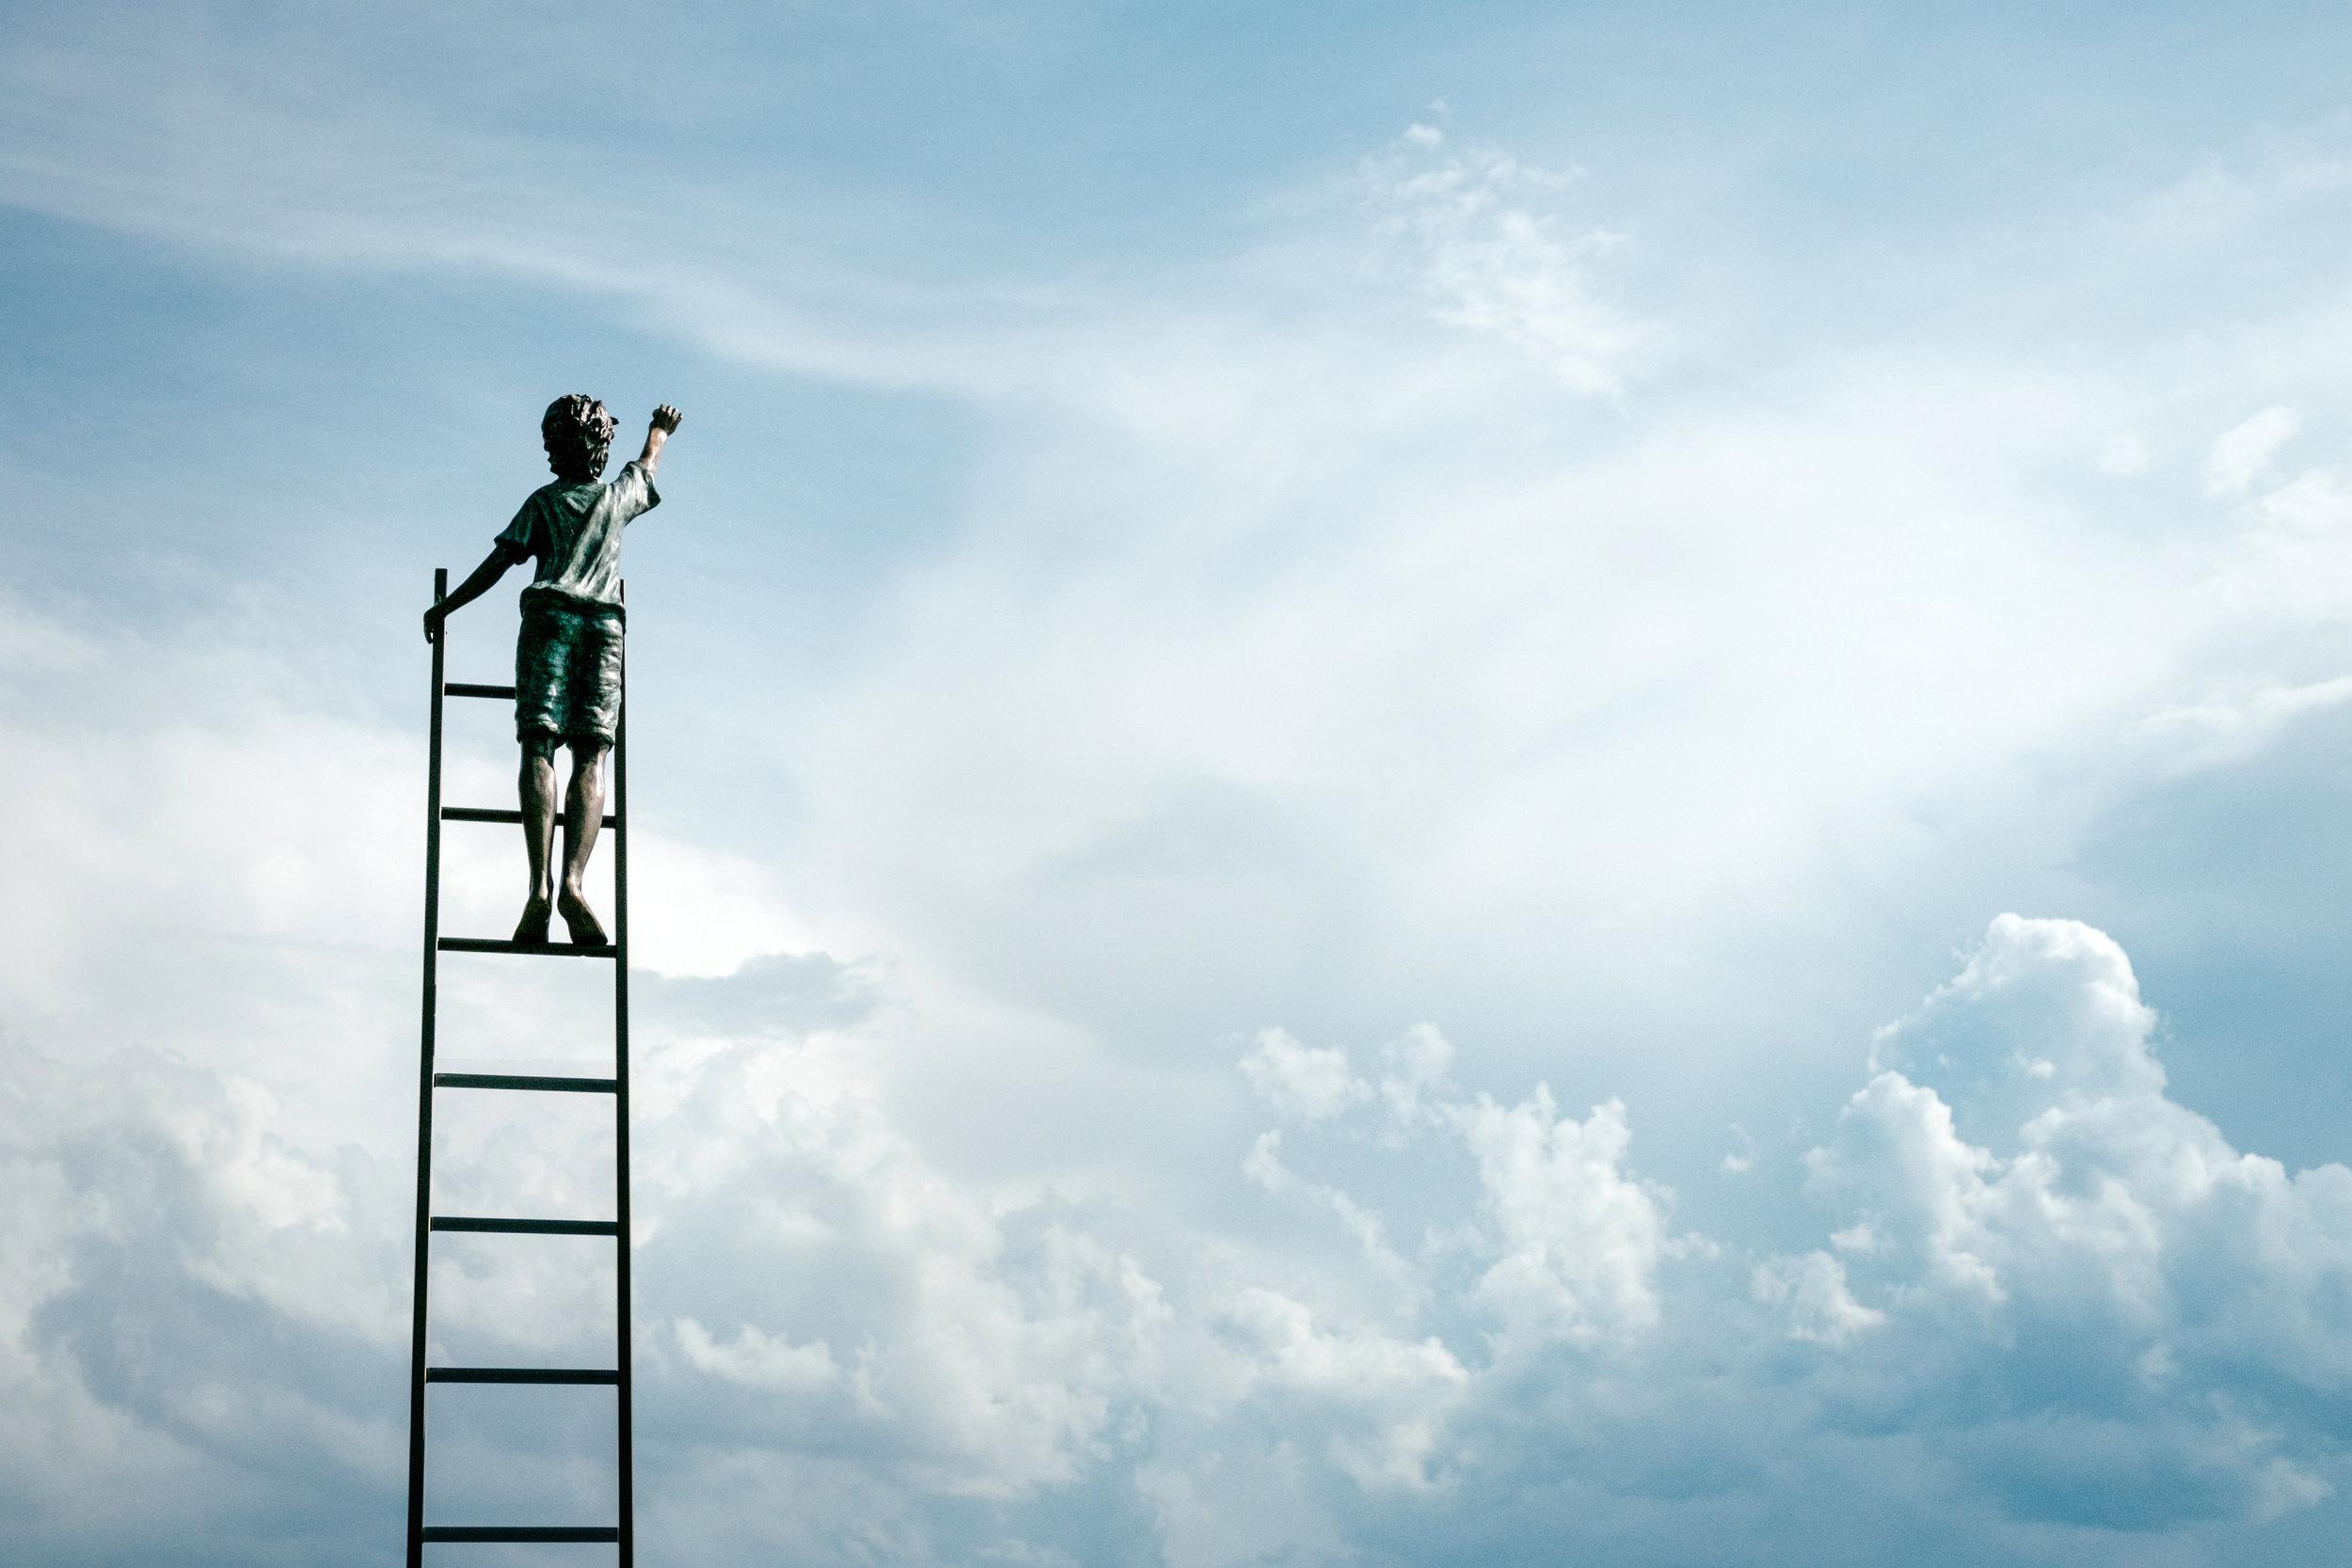 Op naar een succesvolle onderneming.. maar hoe? - Tijdens een individueel gesprek detecteren we welke stappen er nodig zijn om de groei van je bedrijf te realiseren. We houden natuurlijk rekening met de ondernemer(s) en de fase waarin je je bevindt. Klinkt dit als muziek in de oren? Maak dan snel een afspraak.